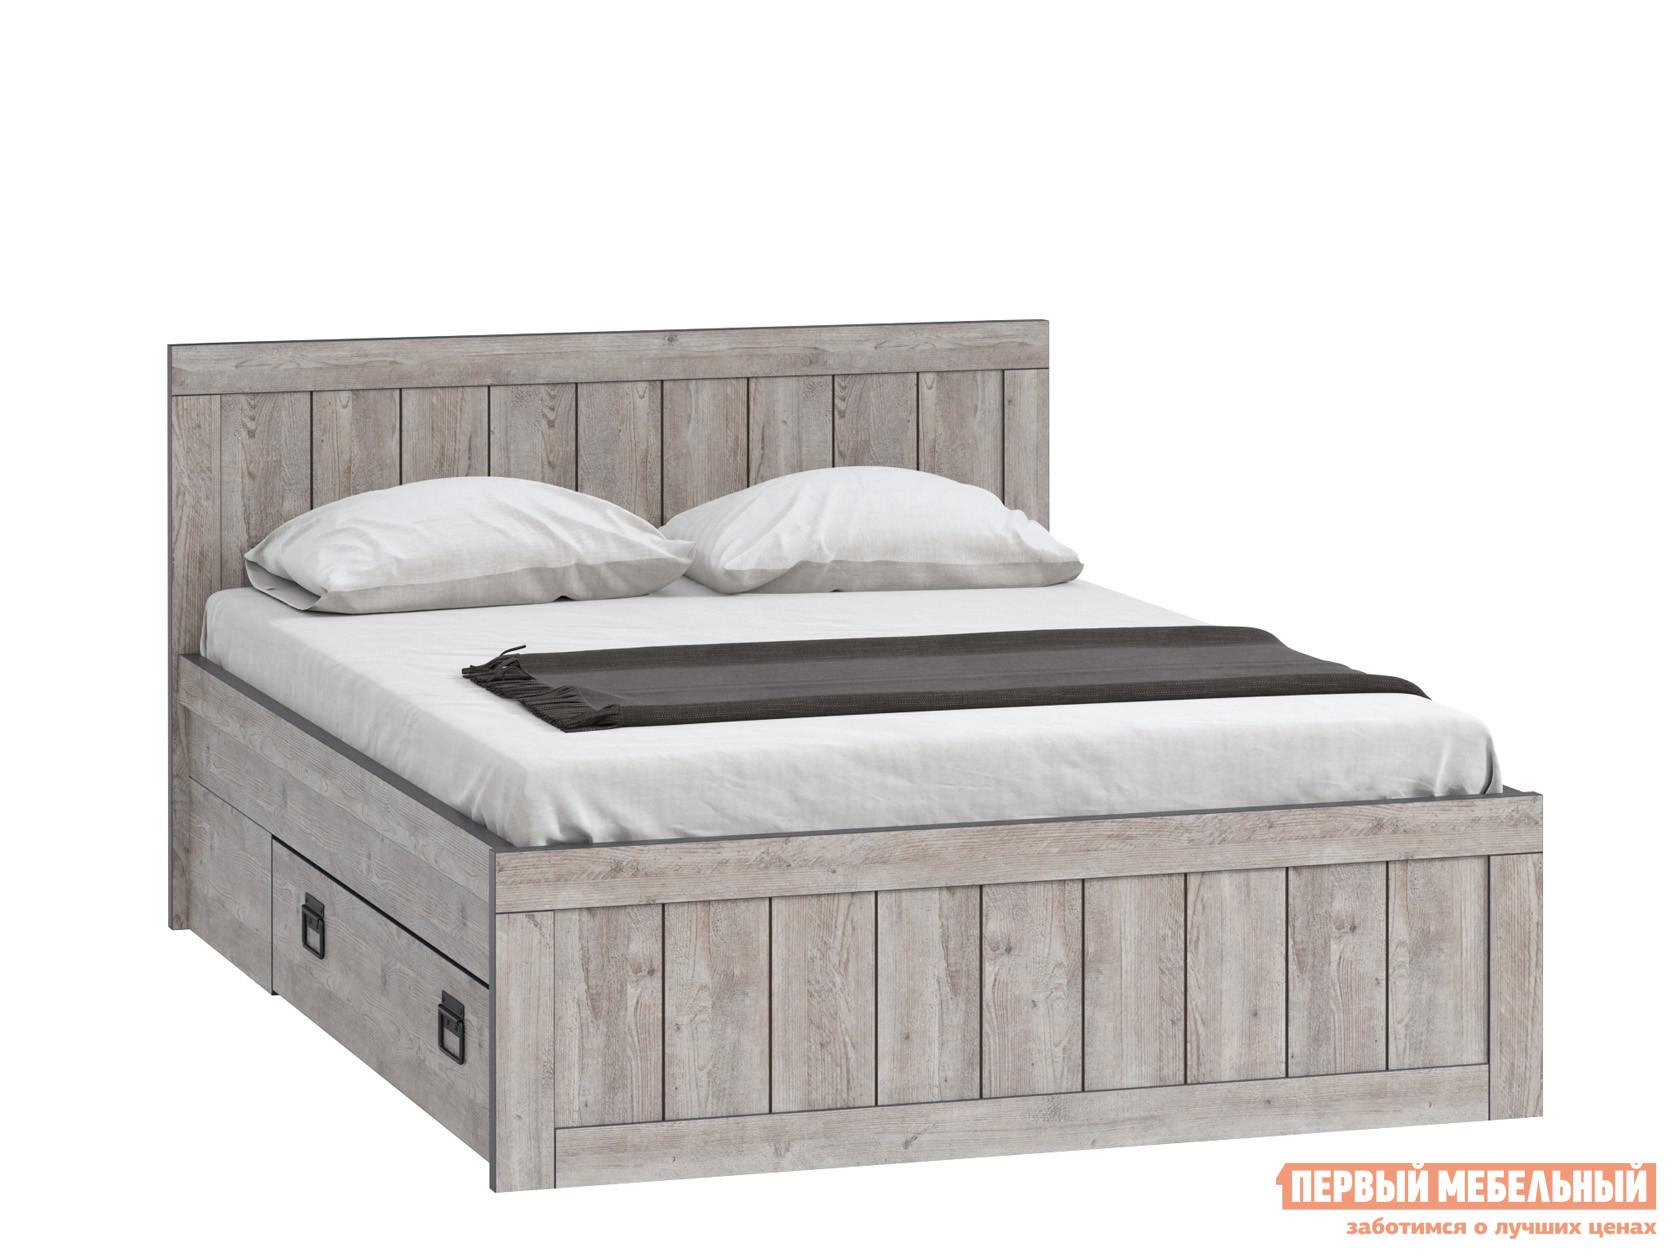 Кровать WOODCRAFT Эссен Кровать №4 с ящиками кровать вероника 4